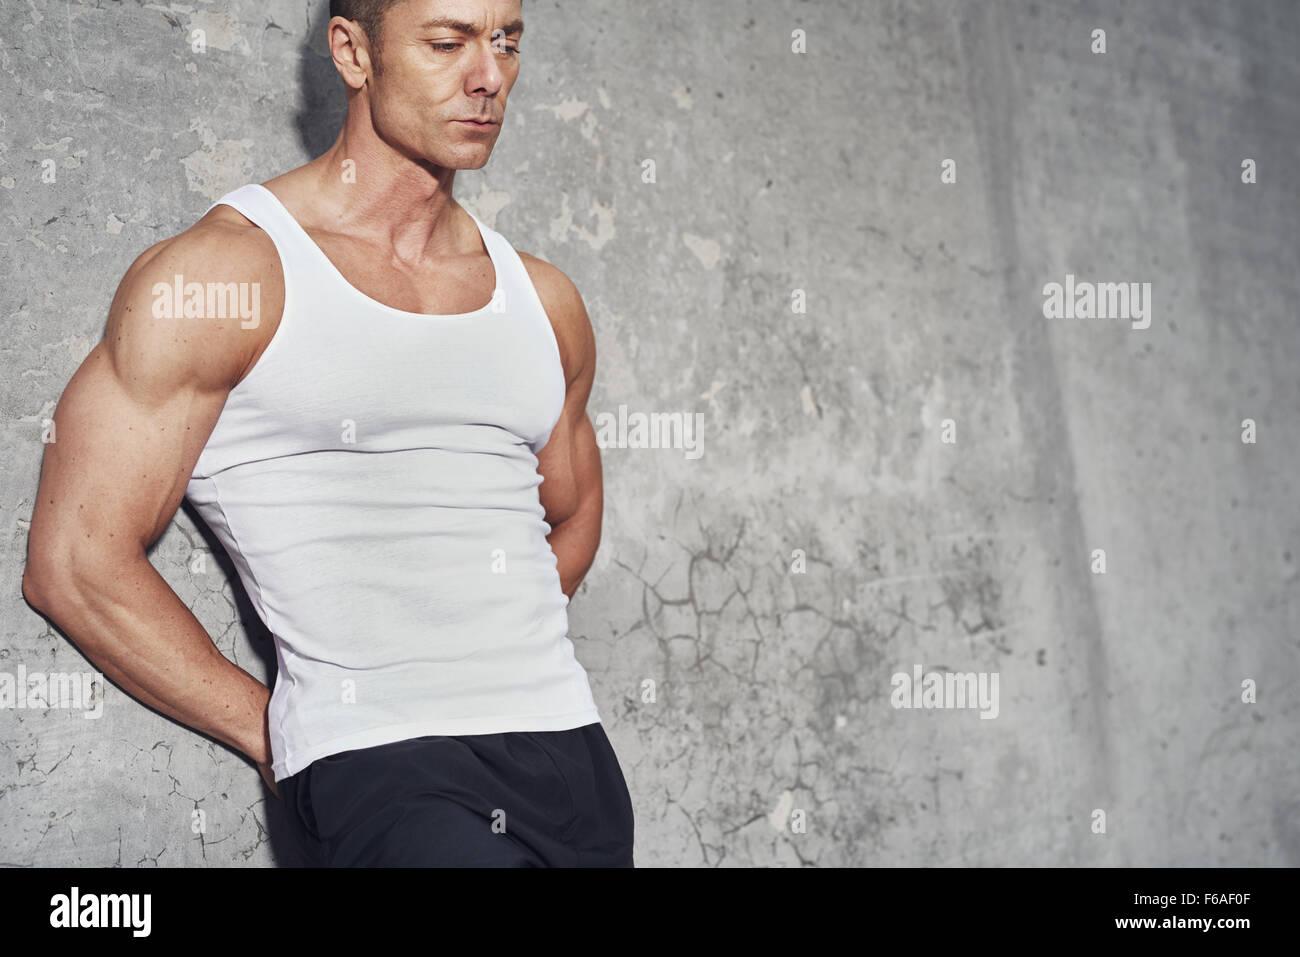 Close up portrait concept de remise en forme de l'homme blanc, en forme et en bonne santé, blanc, concept fitness Banque D'Images